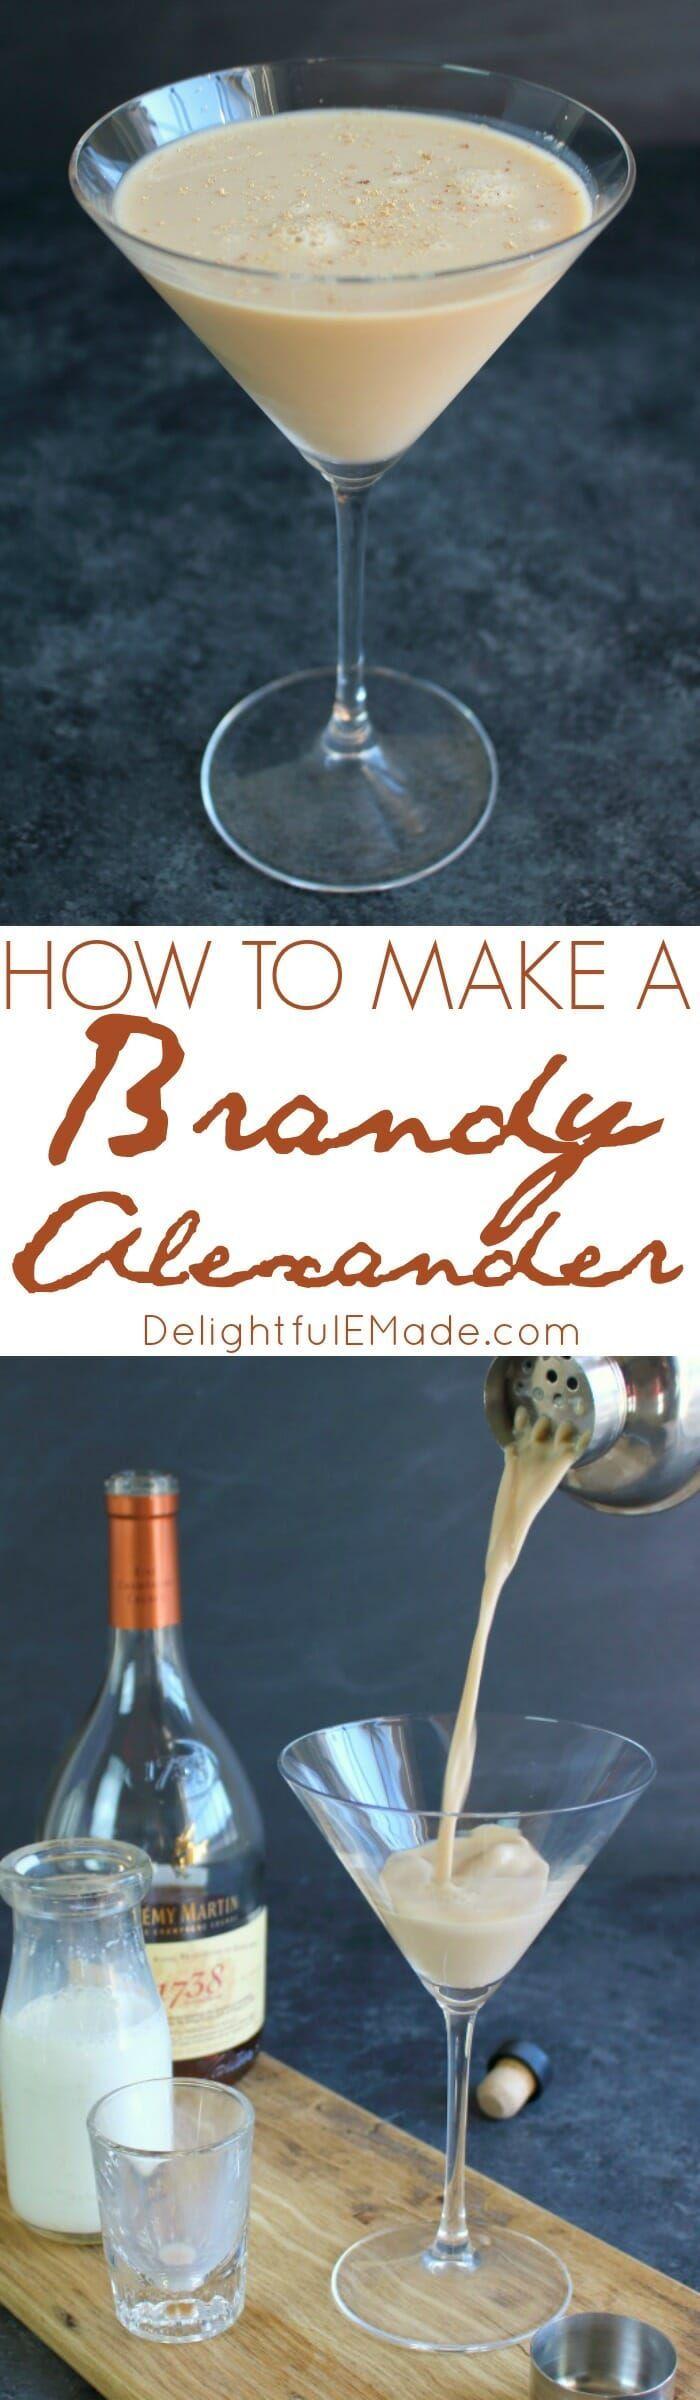 How to Make a Brandy Alexander - Delightful E Made